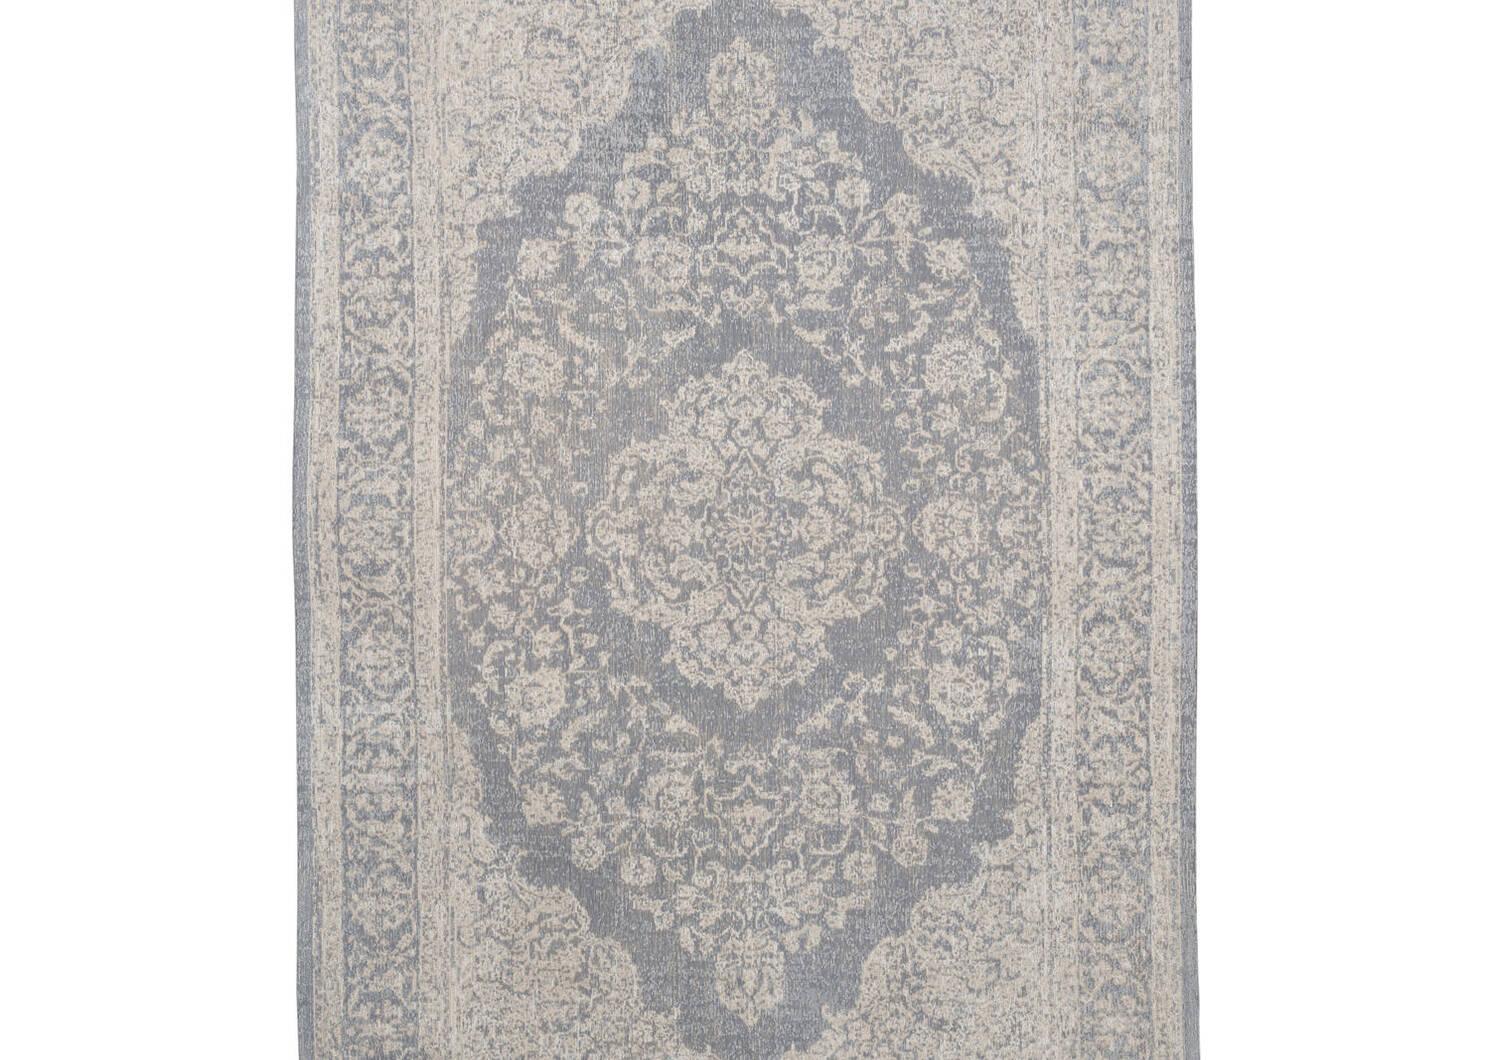 Tapis Classic 96x135 ivoire/gris